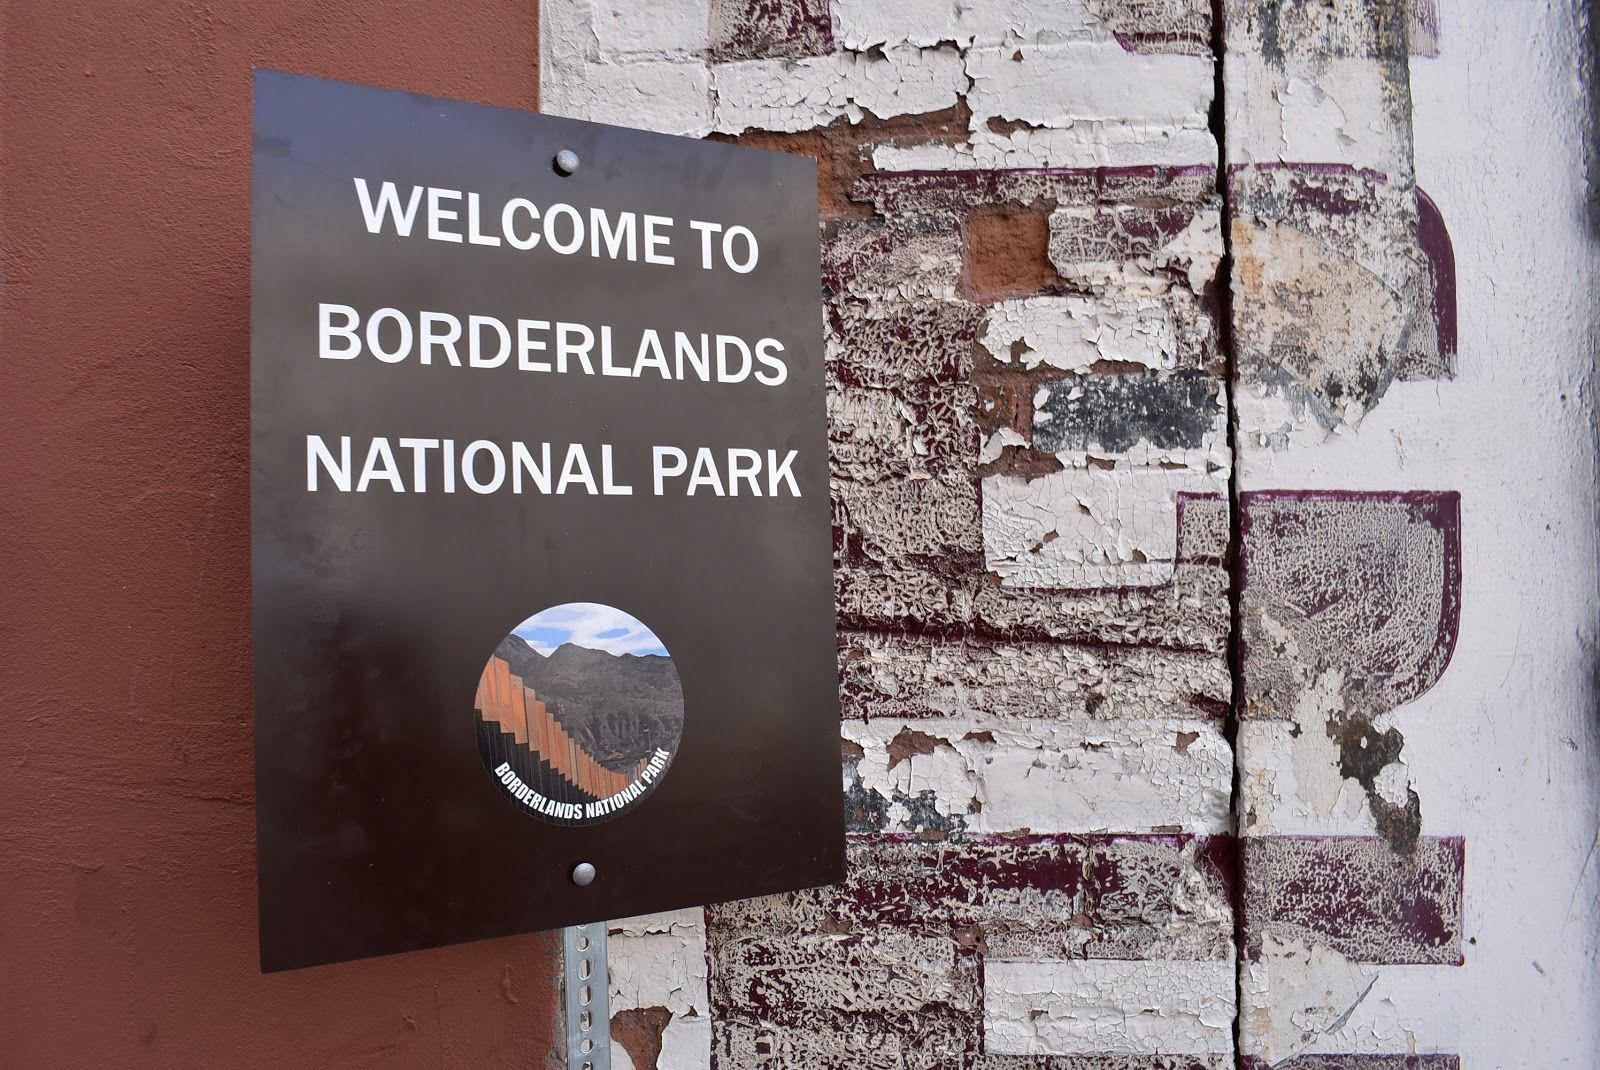 Borderlands_images-3.jpg